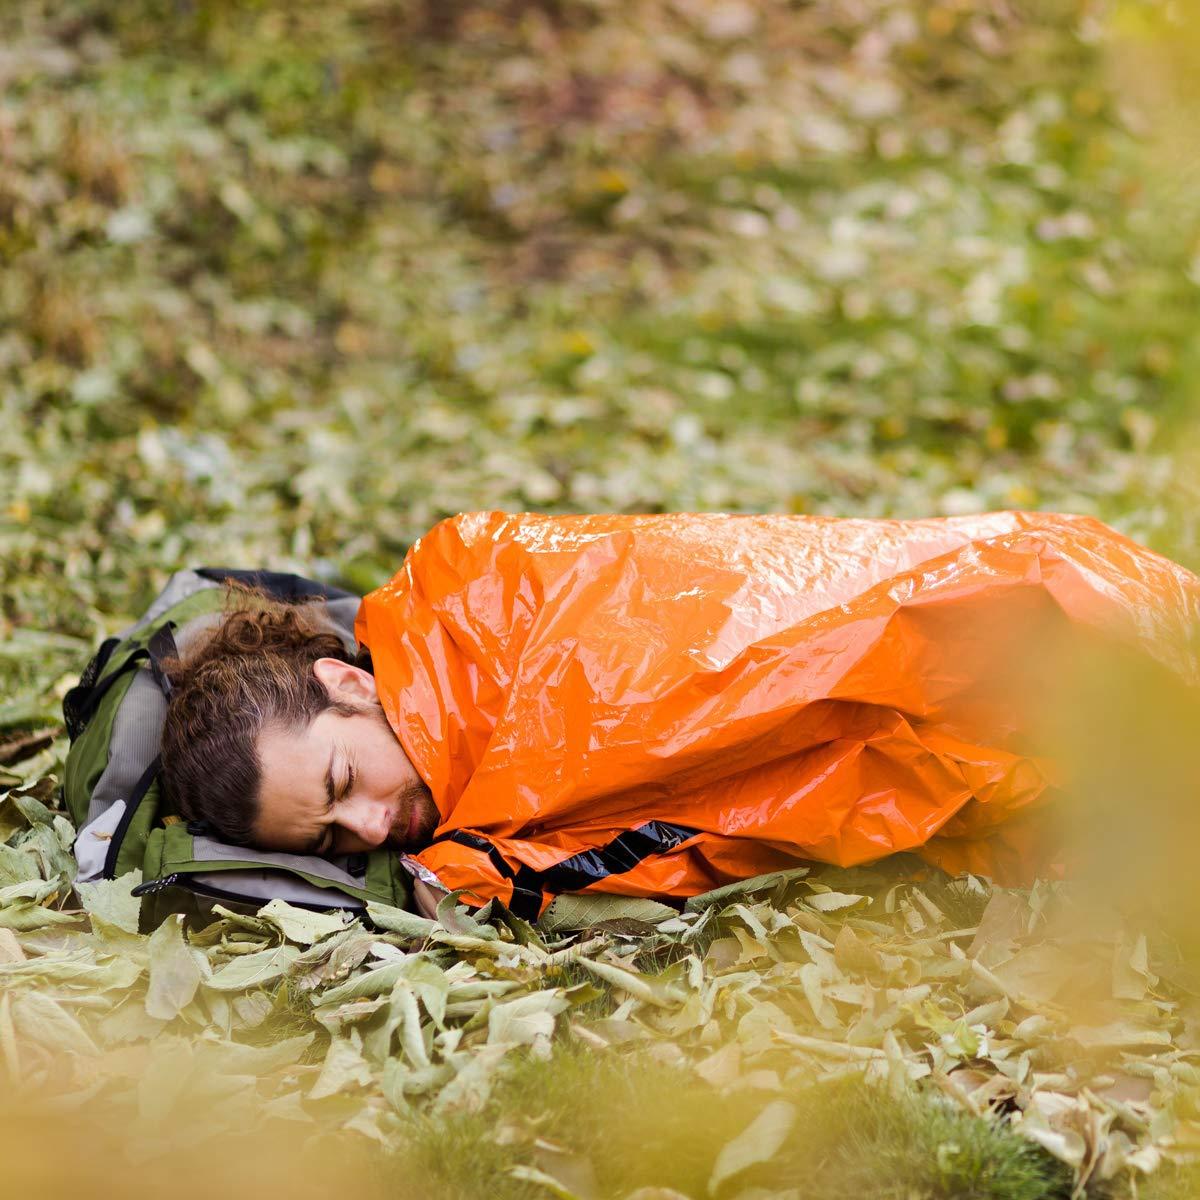 Homeet Biwaksack Rettungsdecke Survival Schlafsack PE Bivy Outdoor Rettungszelt mit Wasserdicht Nylon Leicht Zelt, mit Pfeife für Camping, Wandern, Auto, Klettern, Skifahren Notfall-Zelt 215 x 90cm